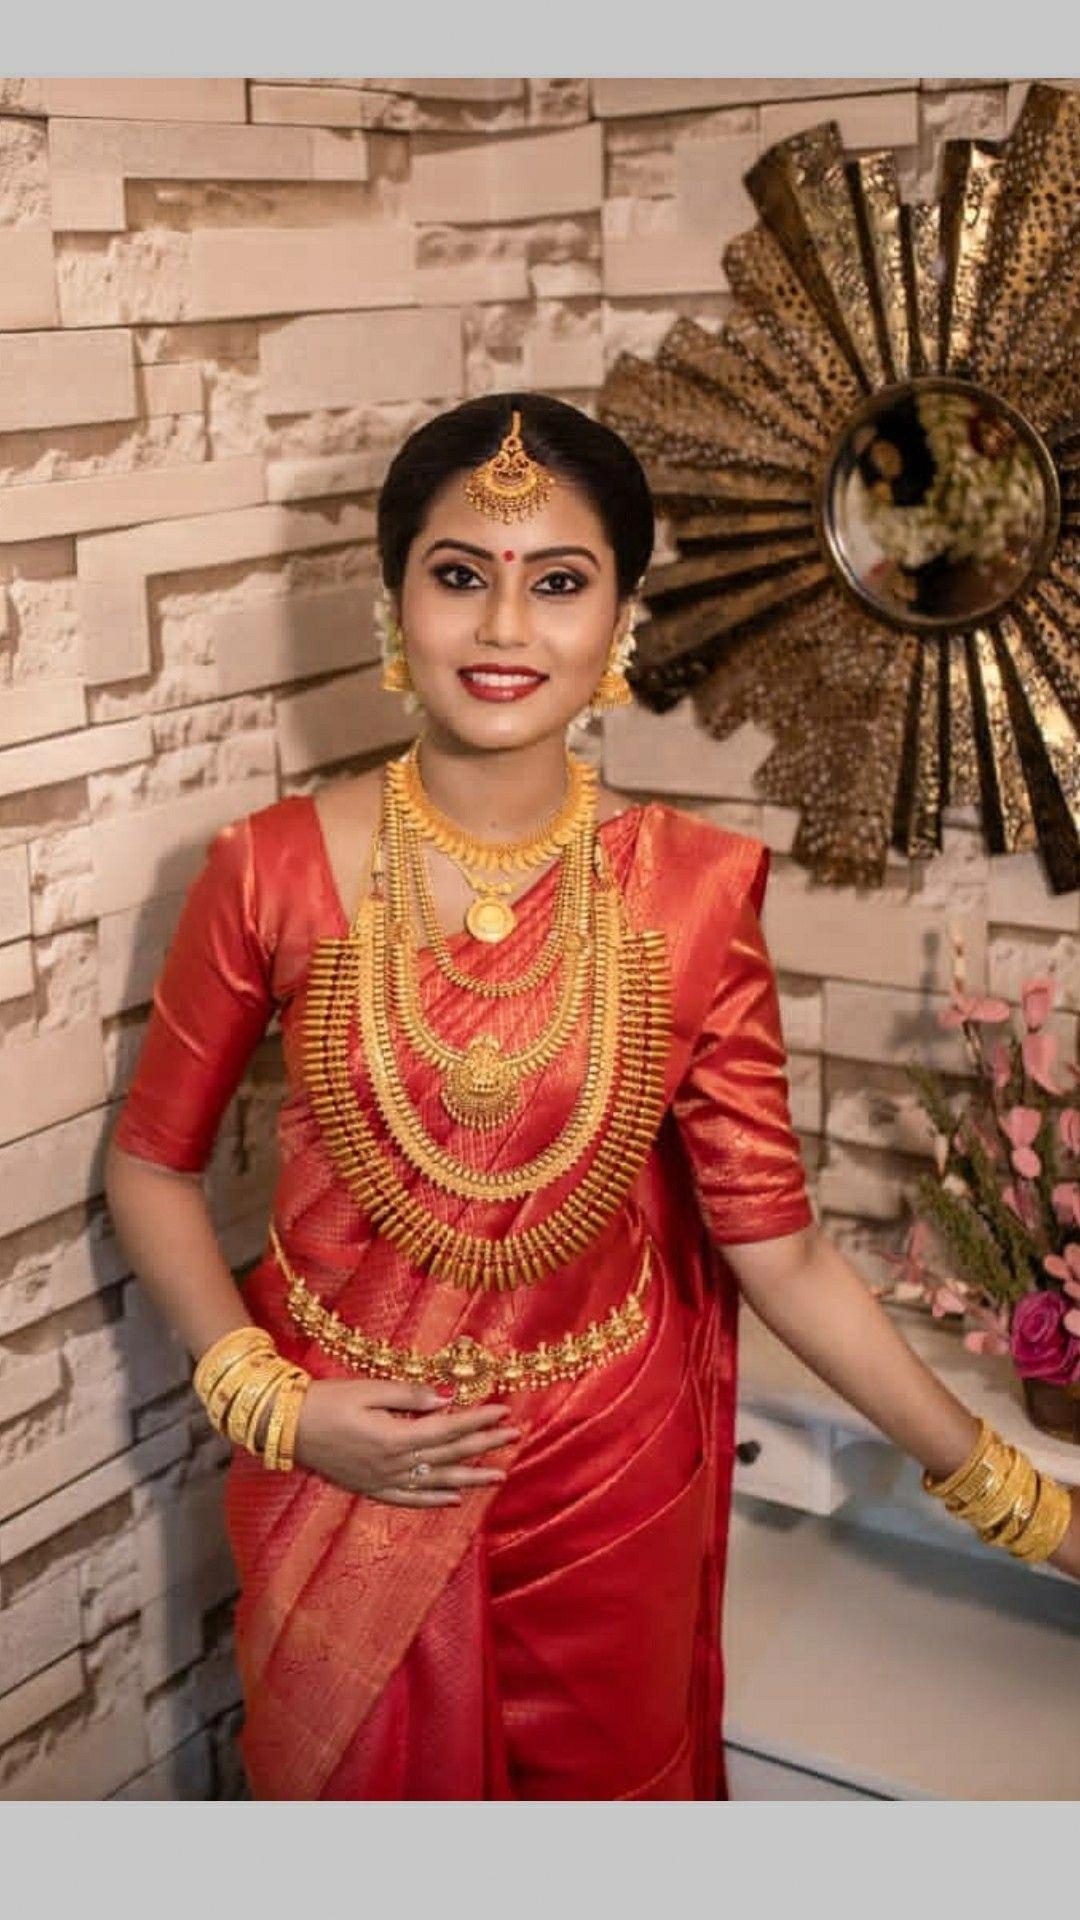 #bridaljewellerypink   Indian wedding outfits, Bridal hairstyle indian wedding, Kerala wedding saree